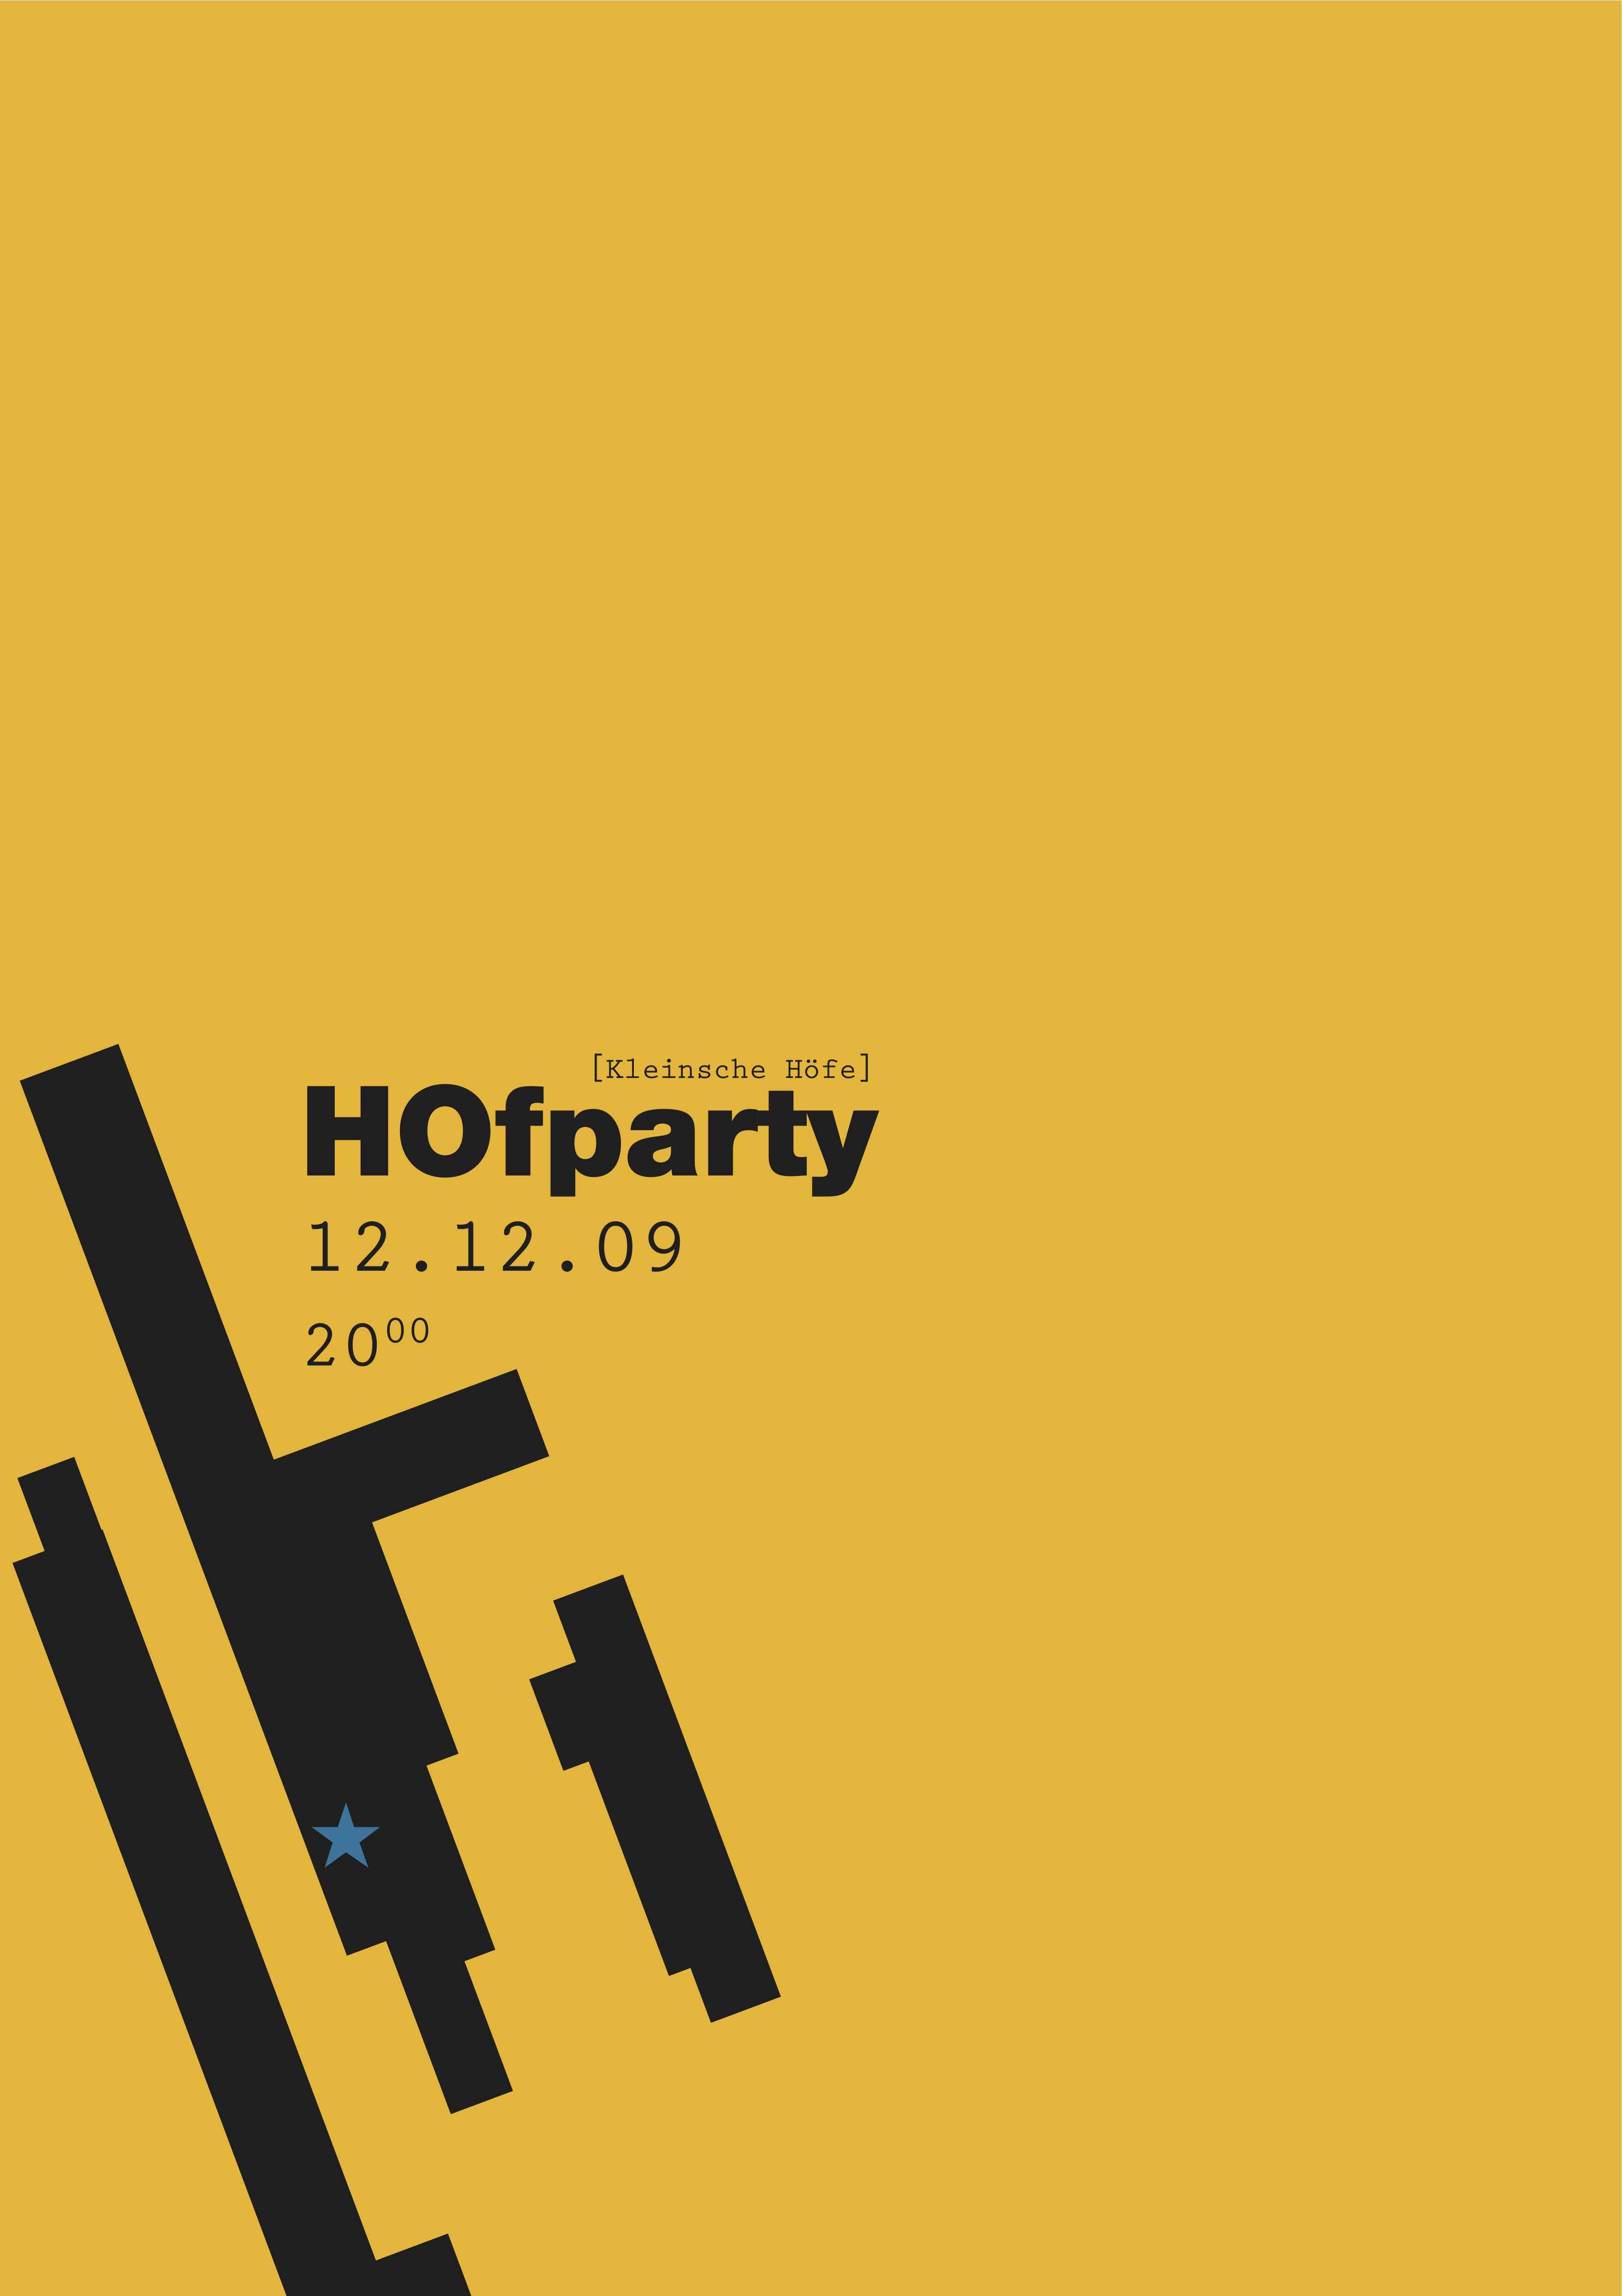 hofparty klein